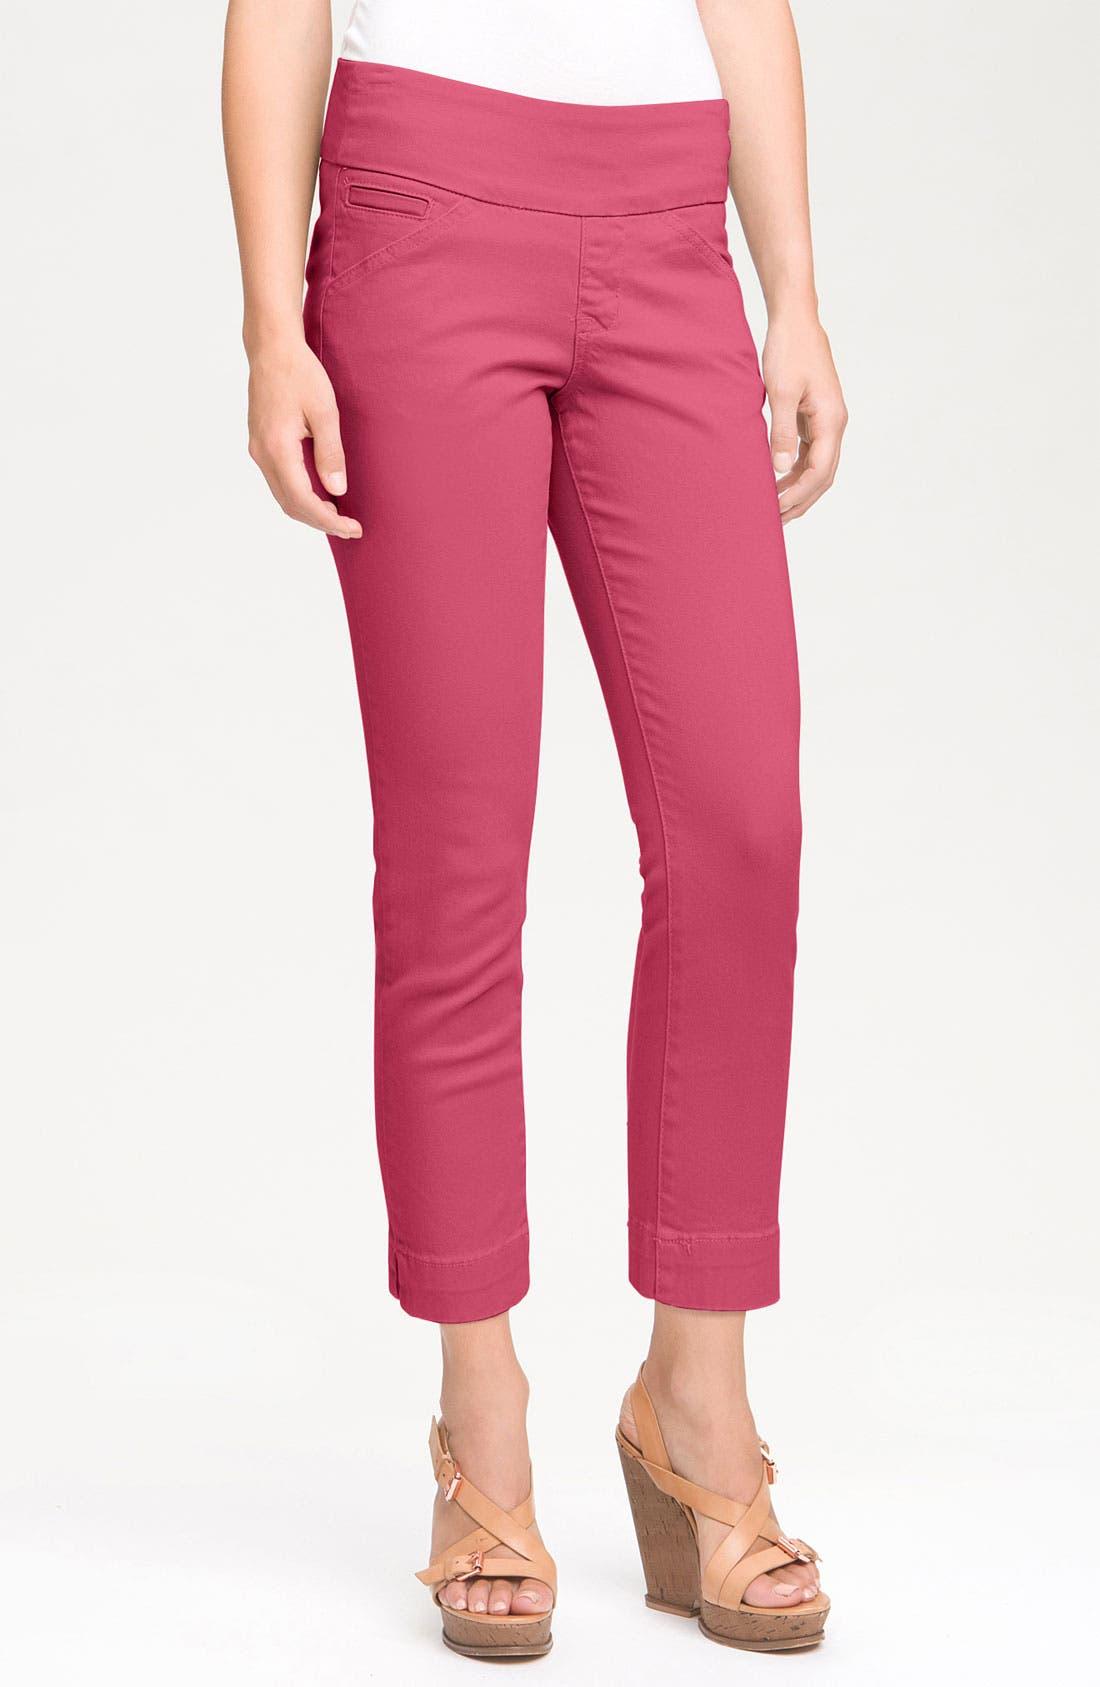 Main Image - Jag Jeans 'Attie' Slim Ankle Pants (Petite)